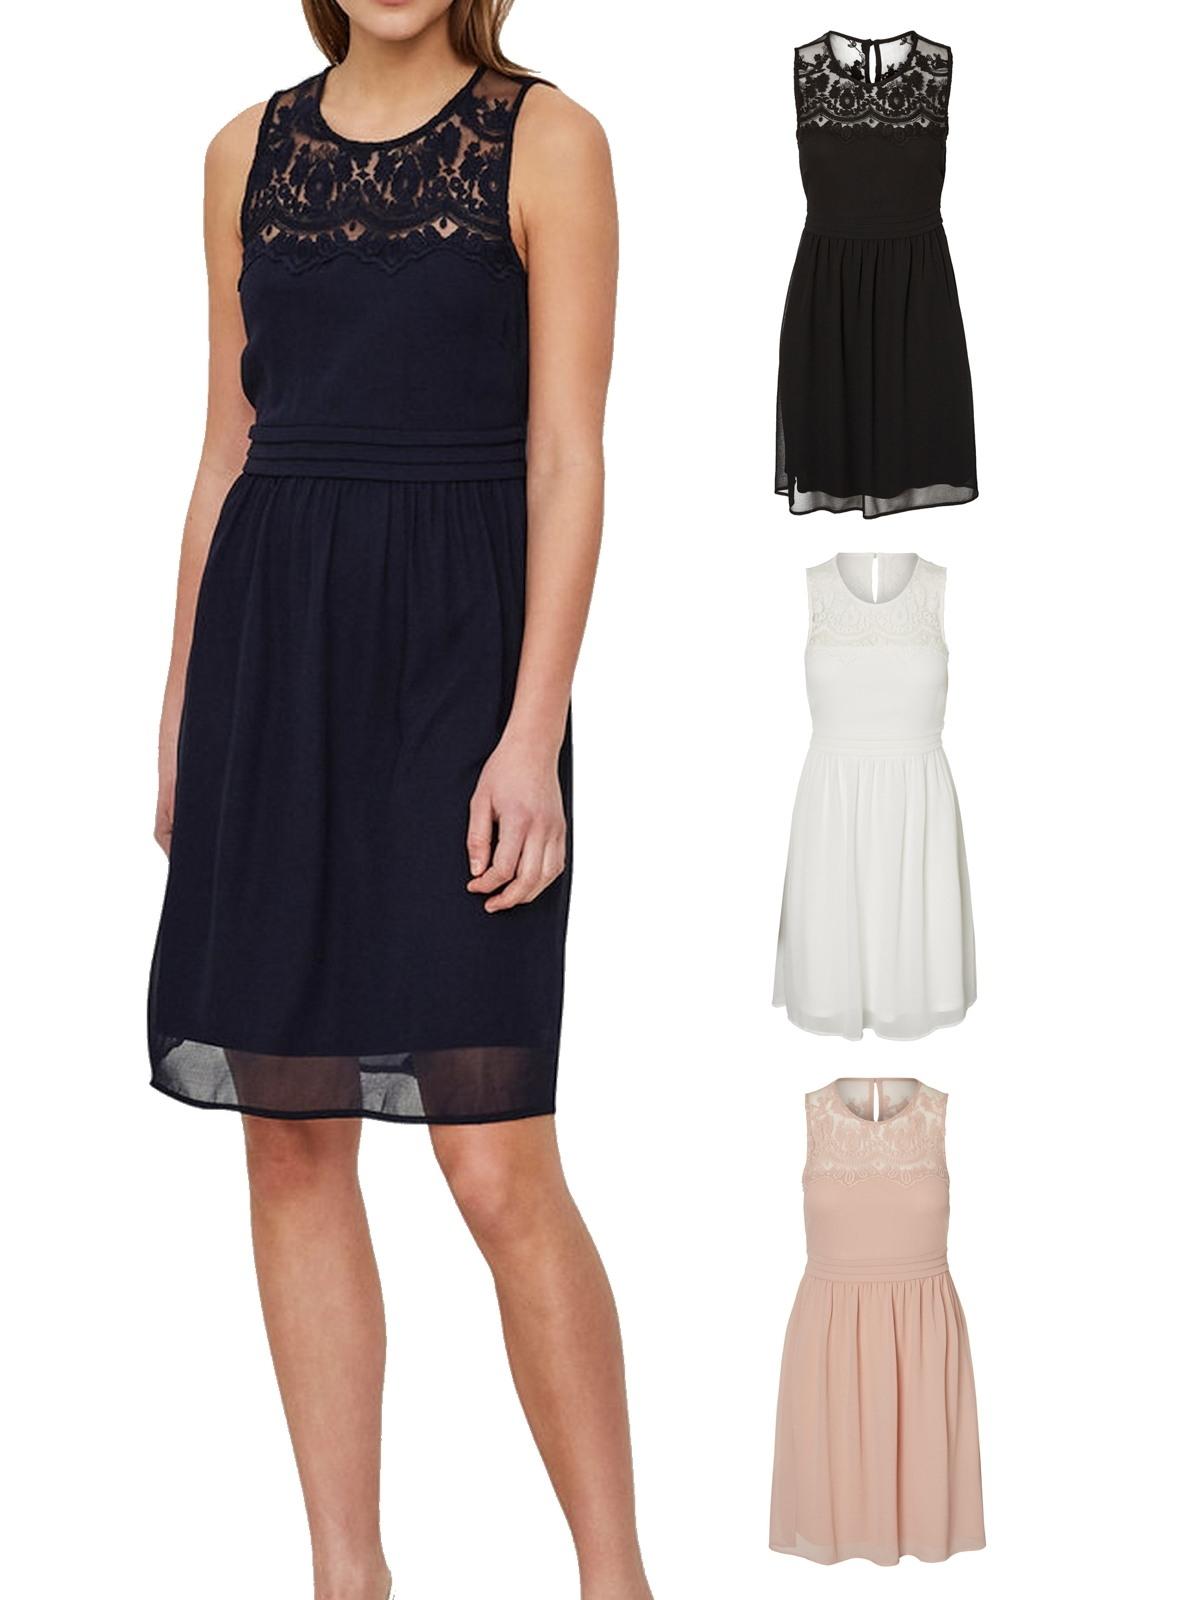 Abend Top Damen Kleid Xl VertriebFormal Luxurius Damen Kleid Xl Spezialgebiet